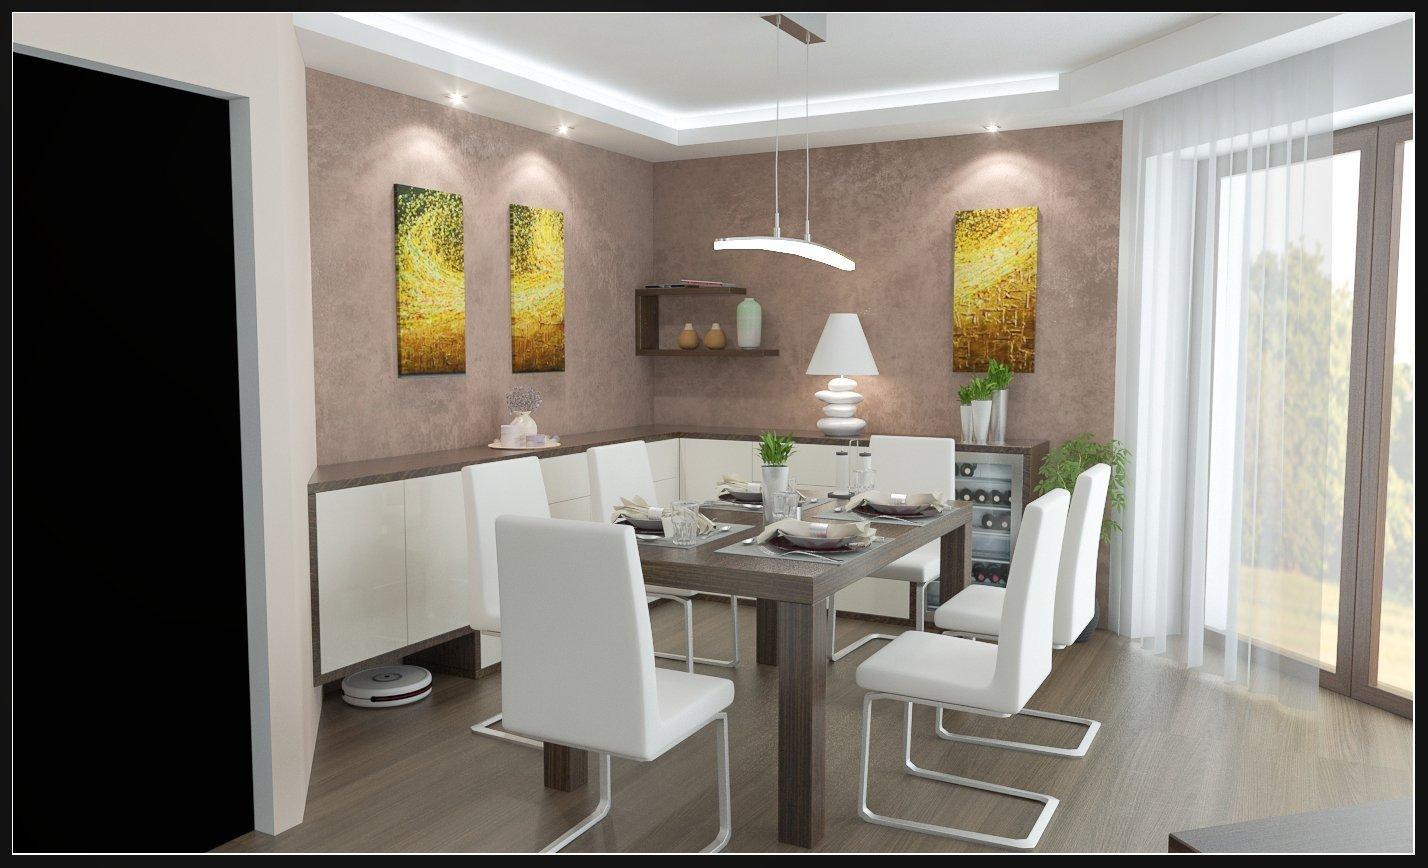 Jídelna s velkým dřevěným stolem, moderními židlemi, vinotékou a komodou. Doplněné hnědou stěrkou.